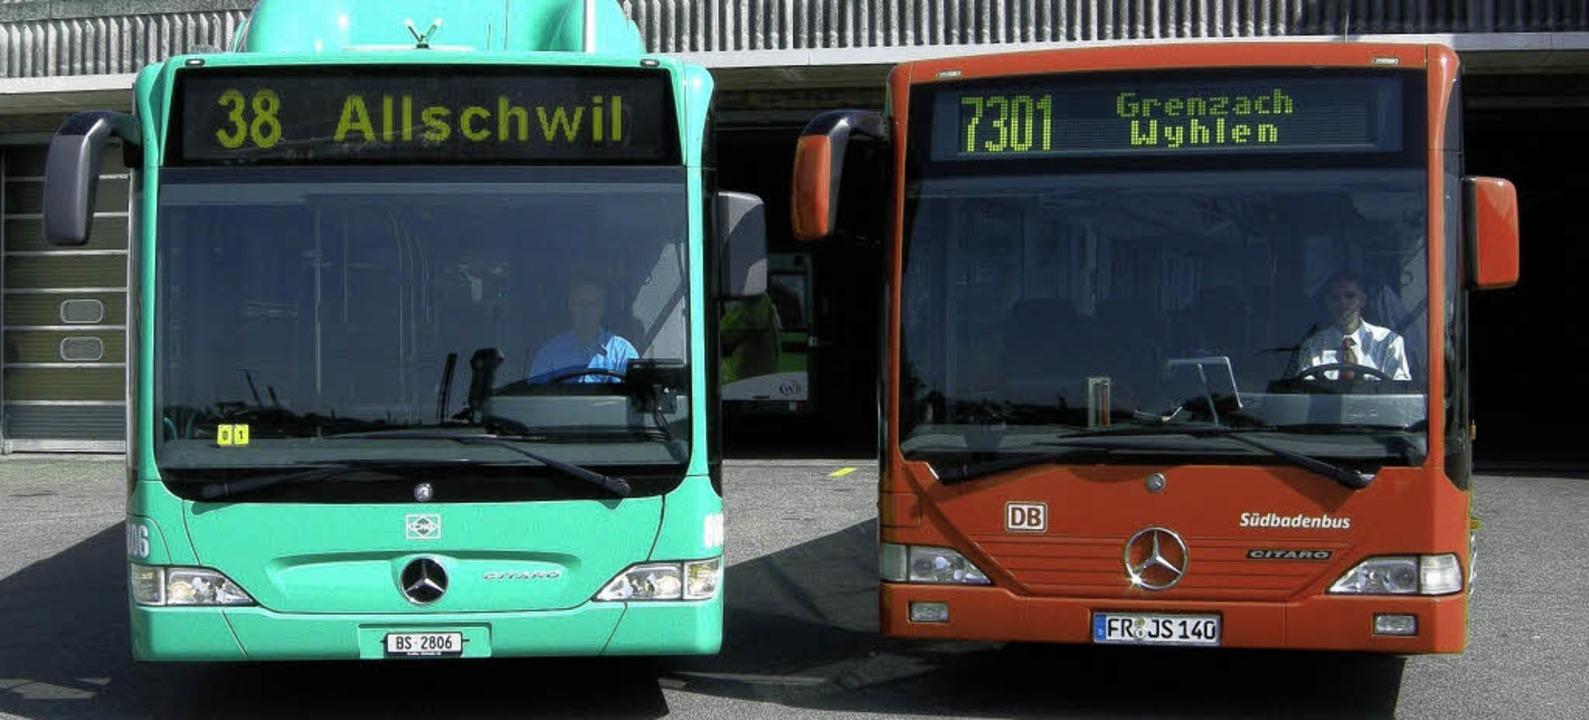 Diese Busse der Basler Verkehrsbetrieb...uf der grenzüberschreitenden Linie 38.  | Foto: BZ